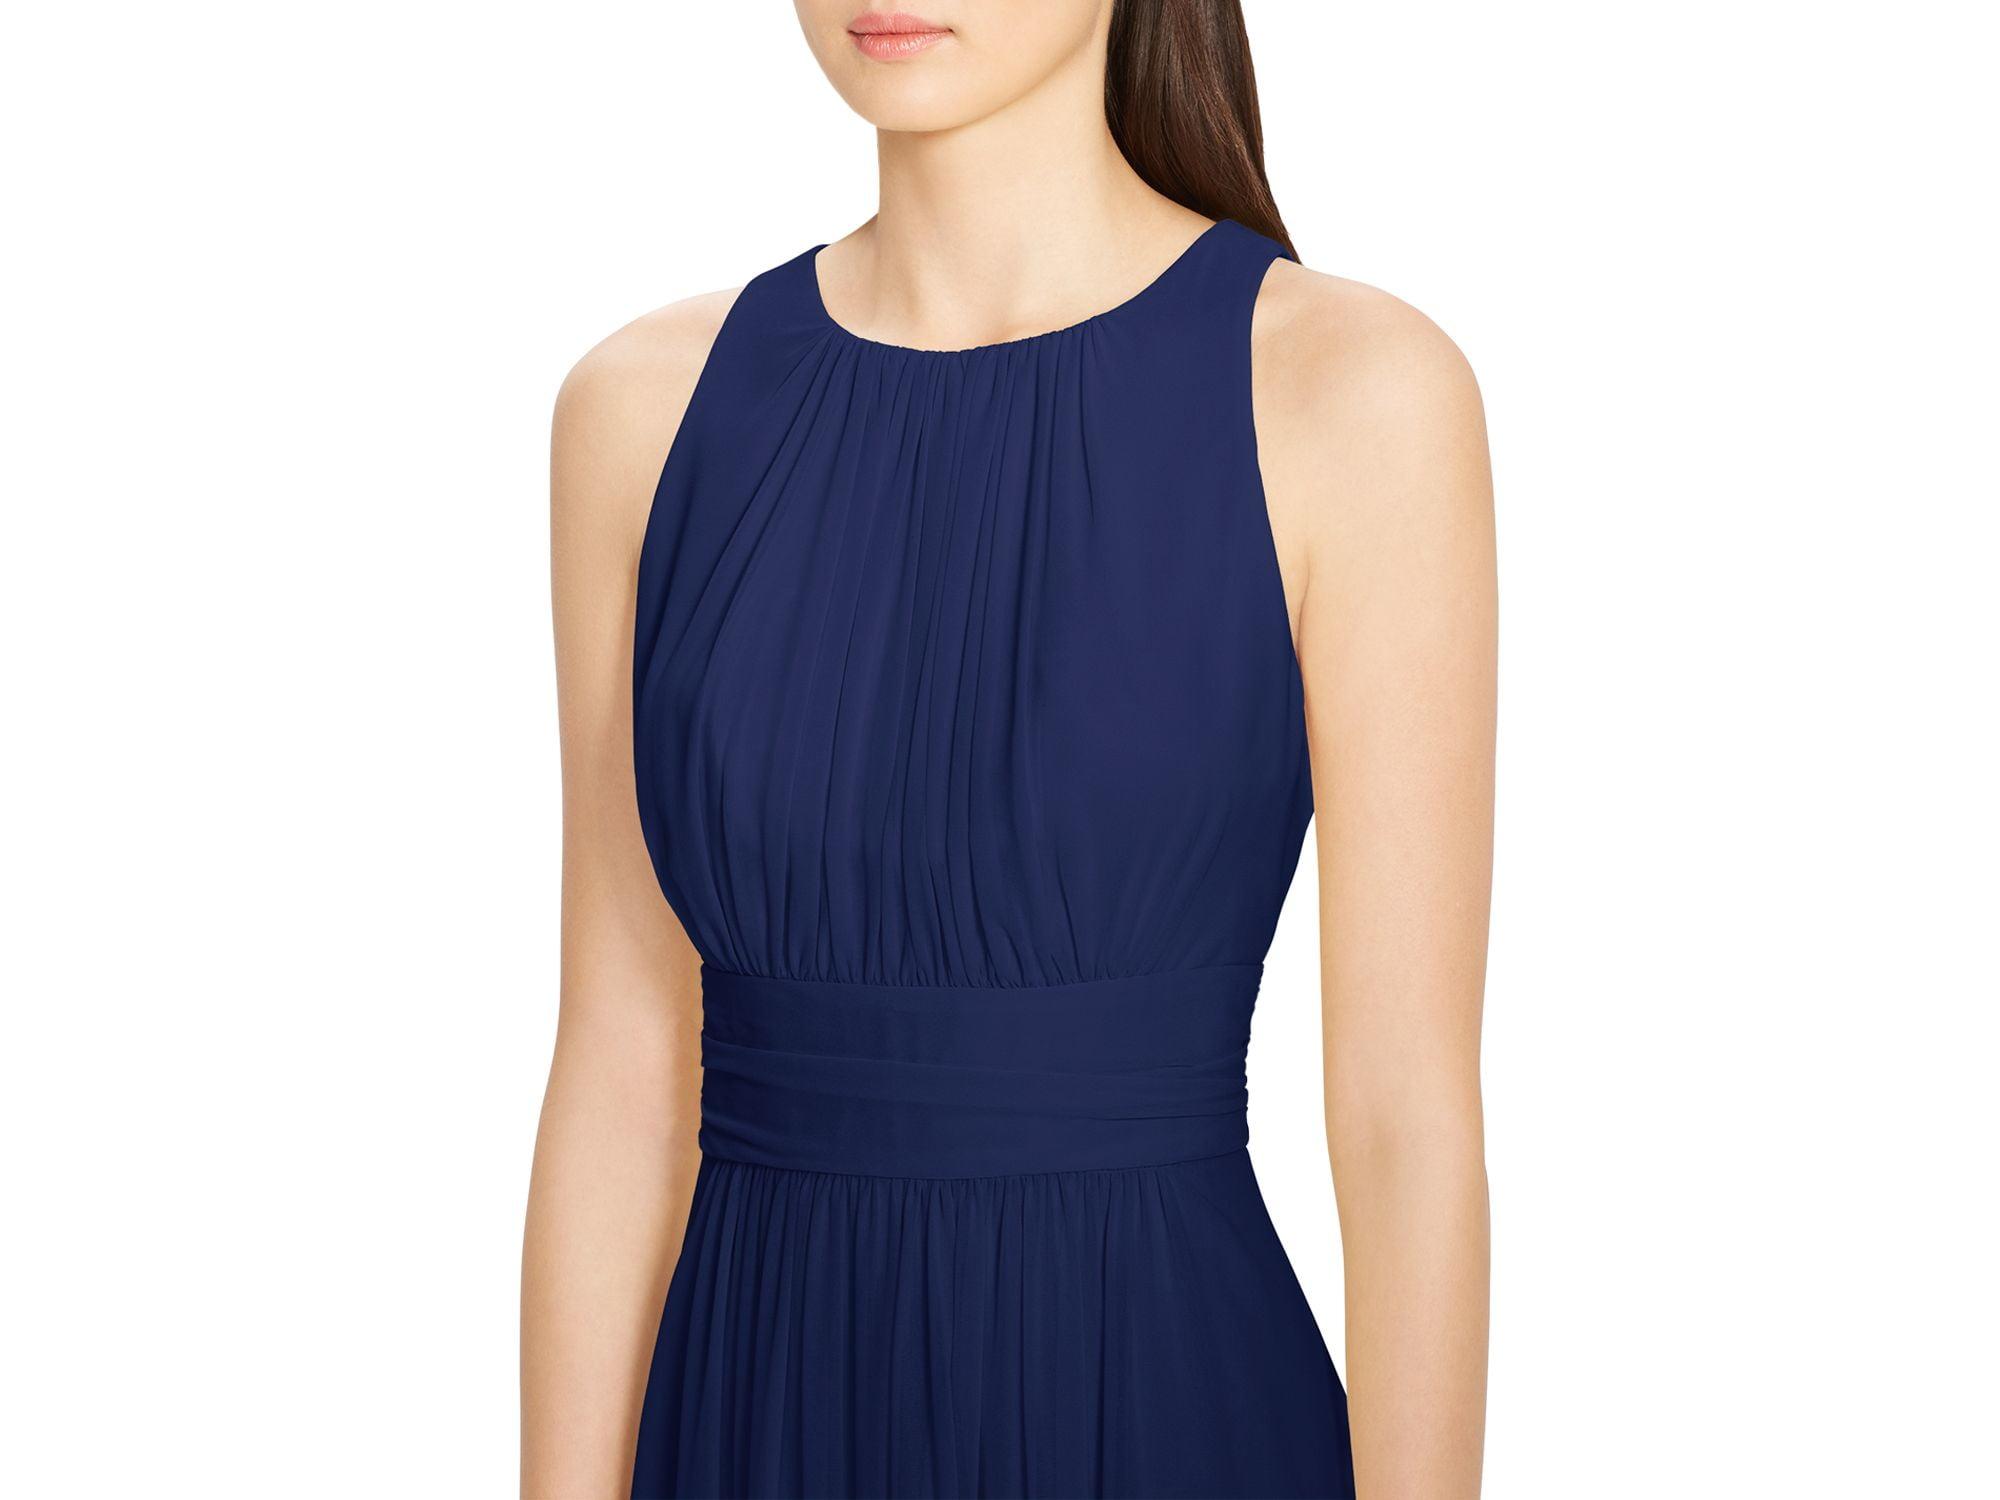 69c24a4fb341f Ralph Lauren - Lauren Ralph Lauren Women Blue Sleeveless Ruched Georgette  Gown Party Dress 8 - Walmart.com